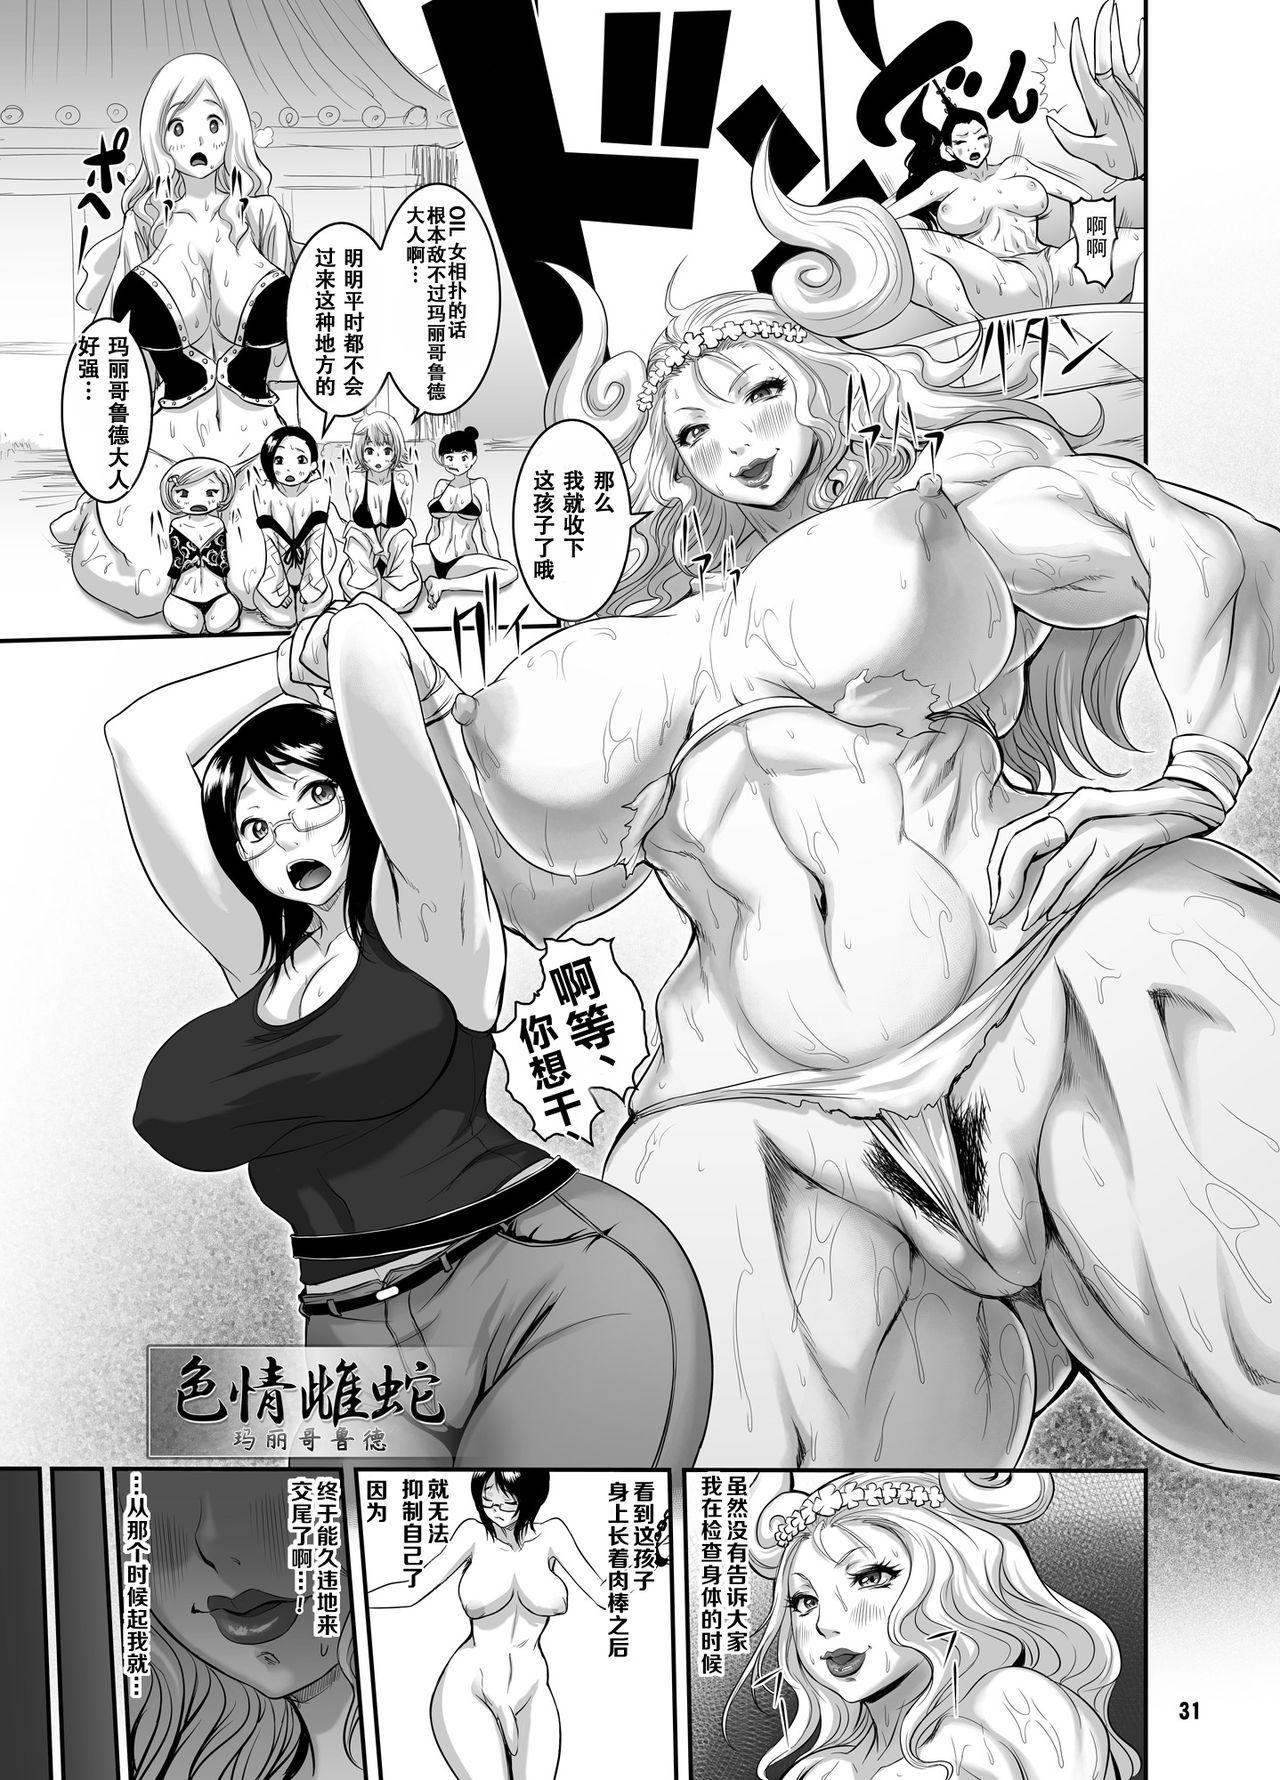 Midarezaki Kaizoku Jotei 31